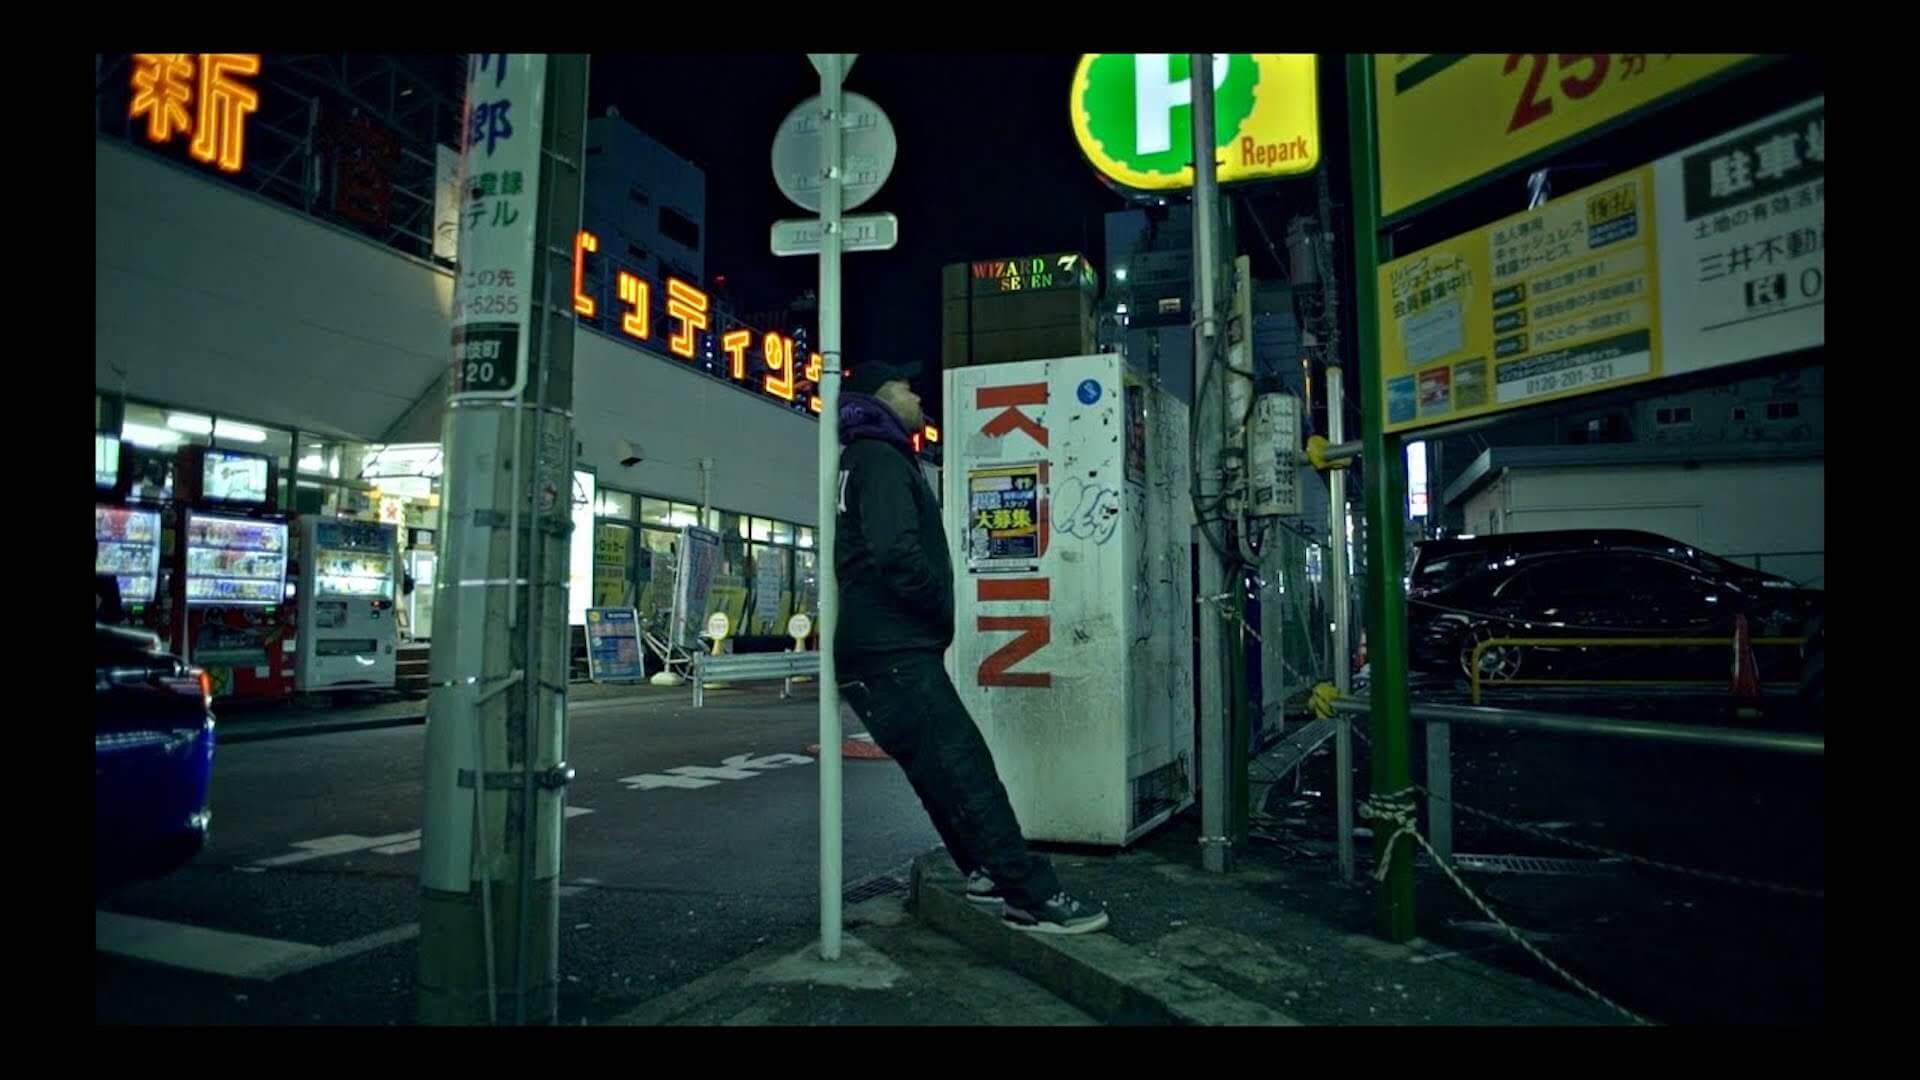 """漢 a.k.a. GAMIが新作EP『Start Over Again EP』を本日リリース!LORD 8ERZがトラックを担当した収録曲""""Do it till I die""""のMVも公開 music2020124_kanakagami_startoveragain1"""